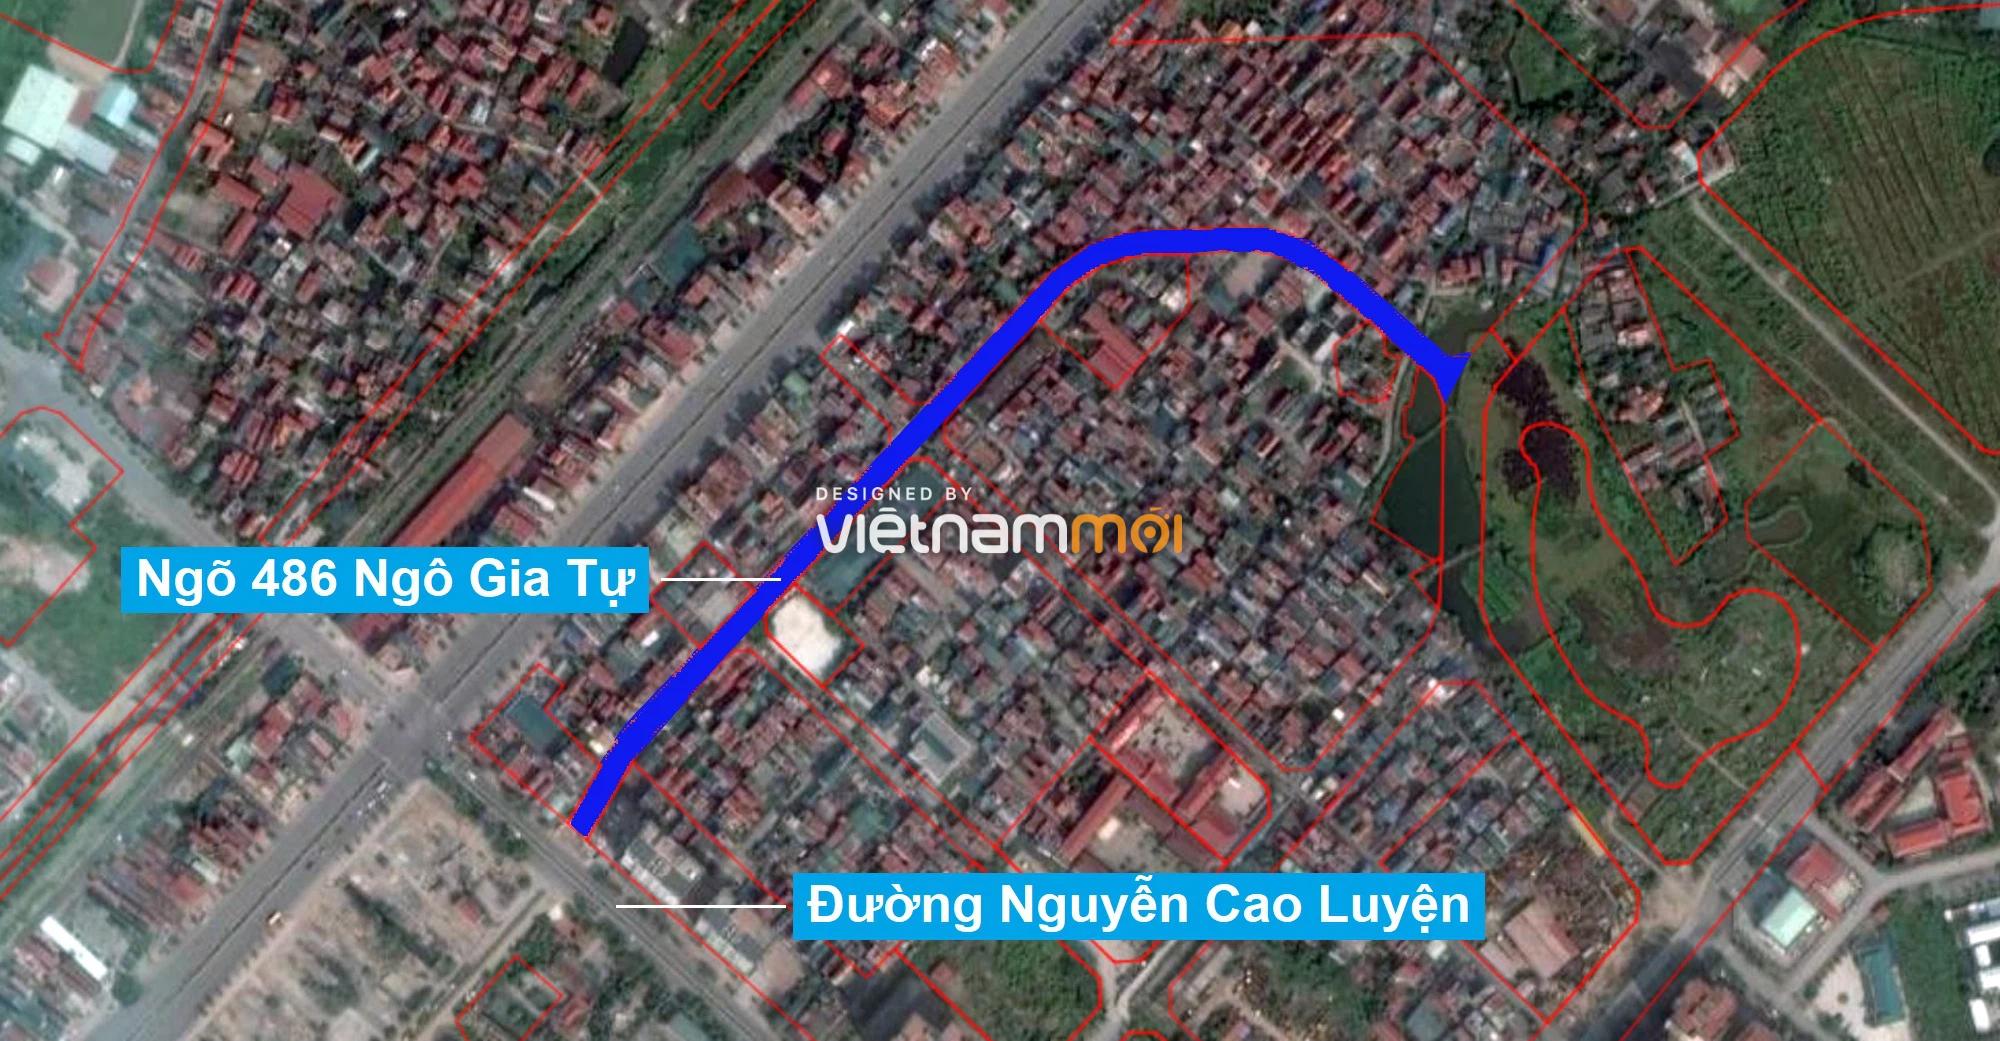 Những khu đất sắp thu hồi để mở đường ở phường Đức Giang, Long Biên, Hà Nội (phần 3) - Ảnh 8.